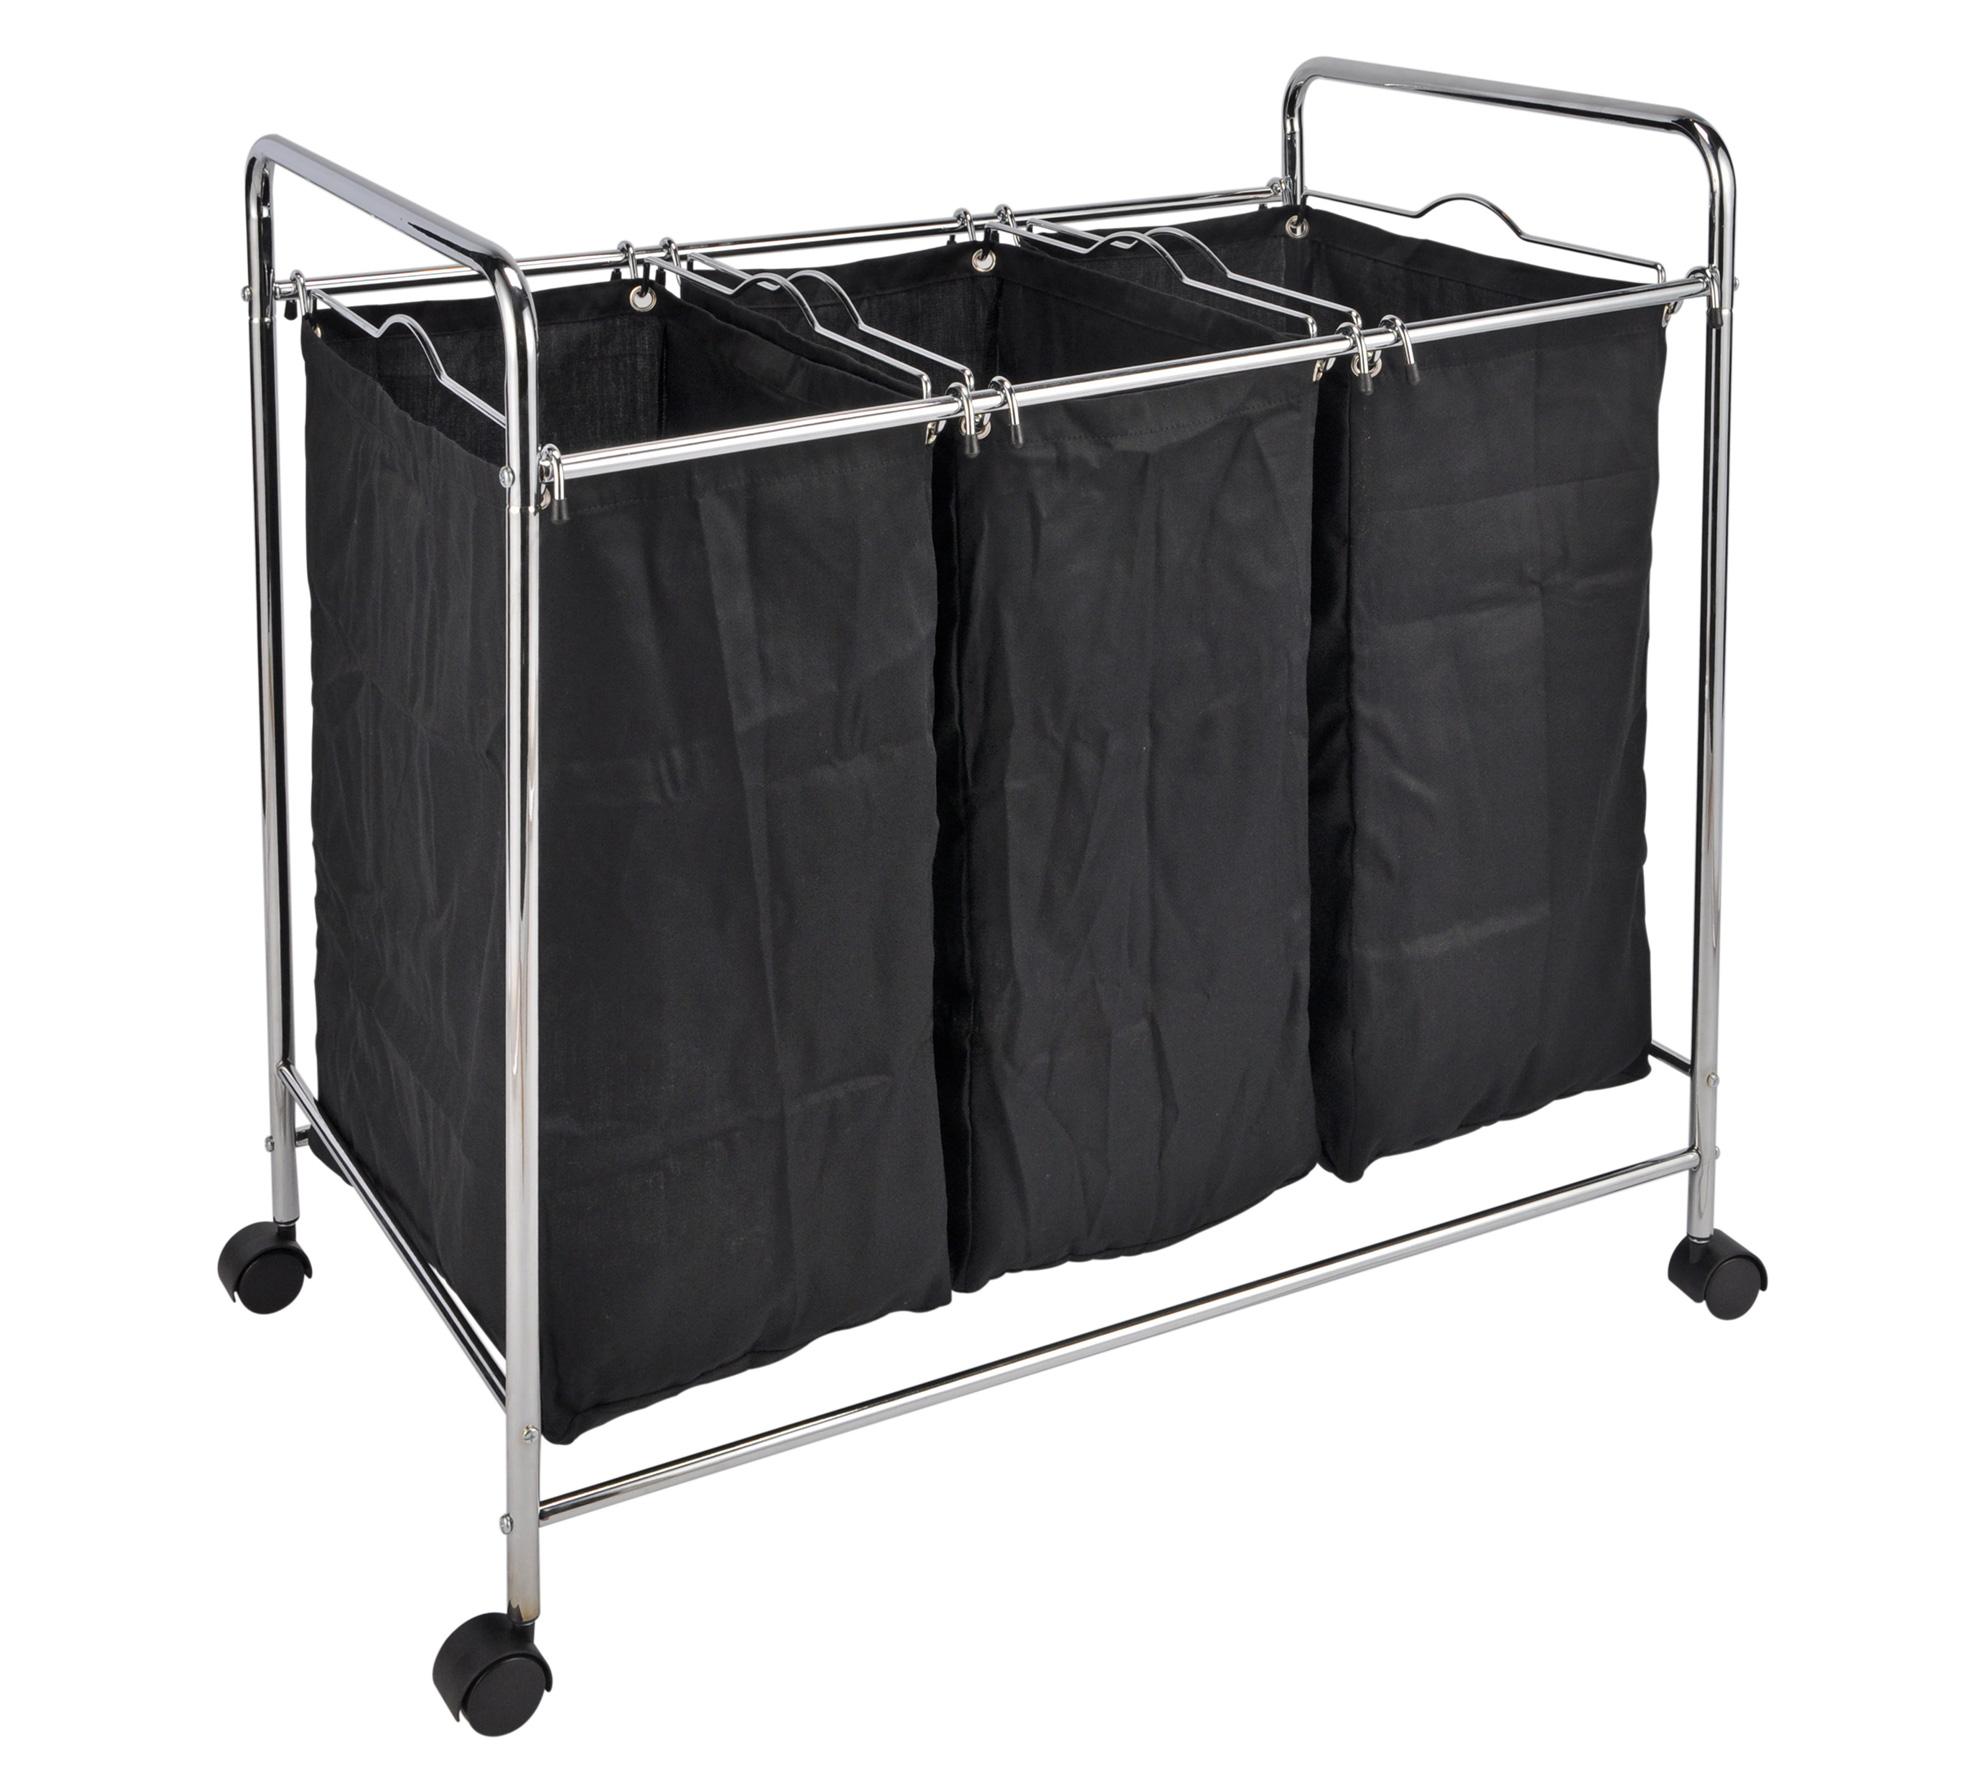 w schesortierer w schekorb w schebox w schesack neu ebay. Black Bedroom Furniture Sets. Home Design Ideas